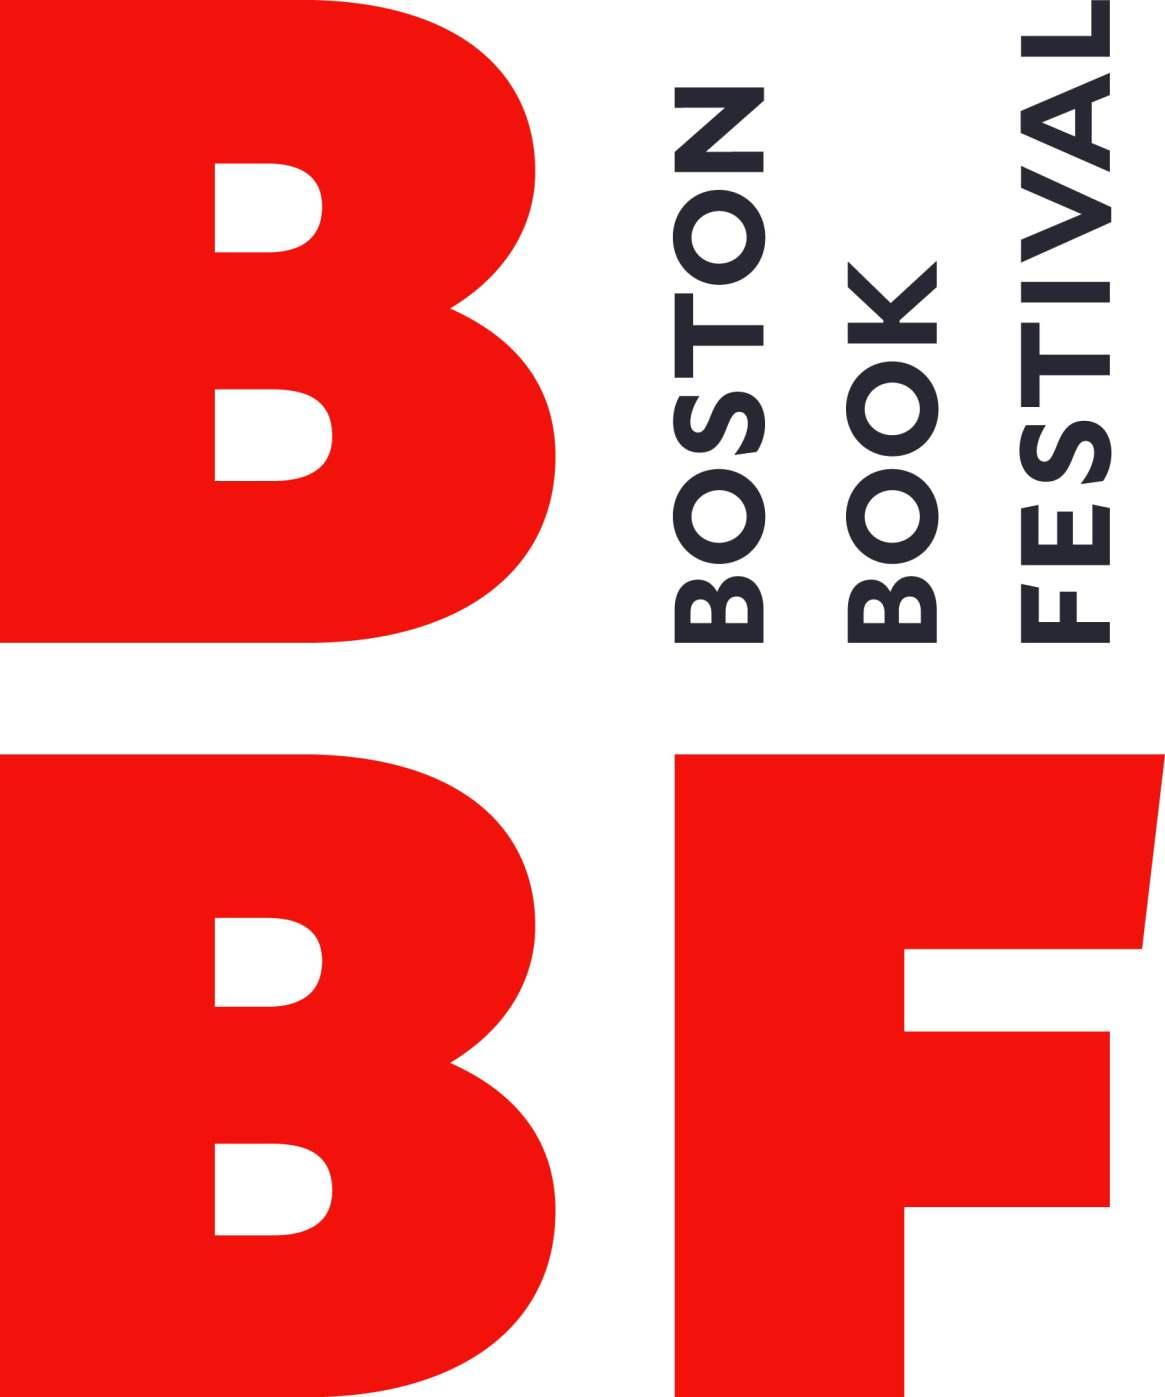 """Logo which reads """"BBF Boston Book Festival"""""""